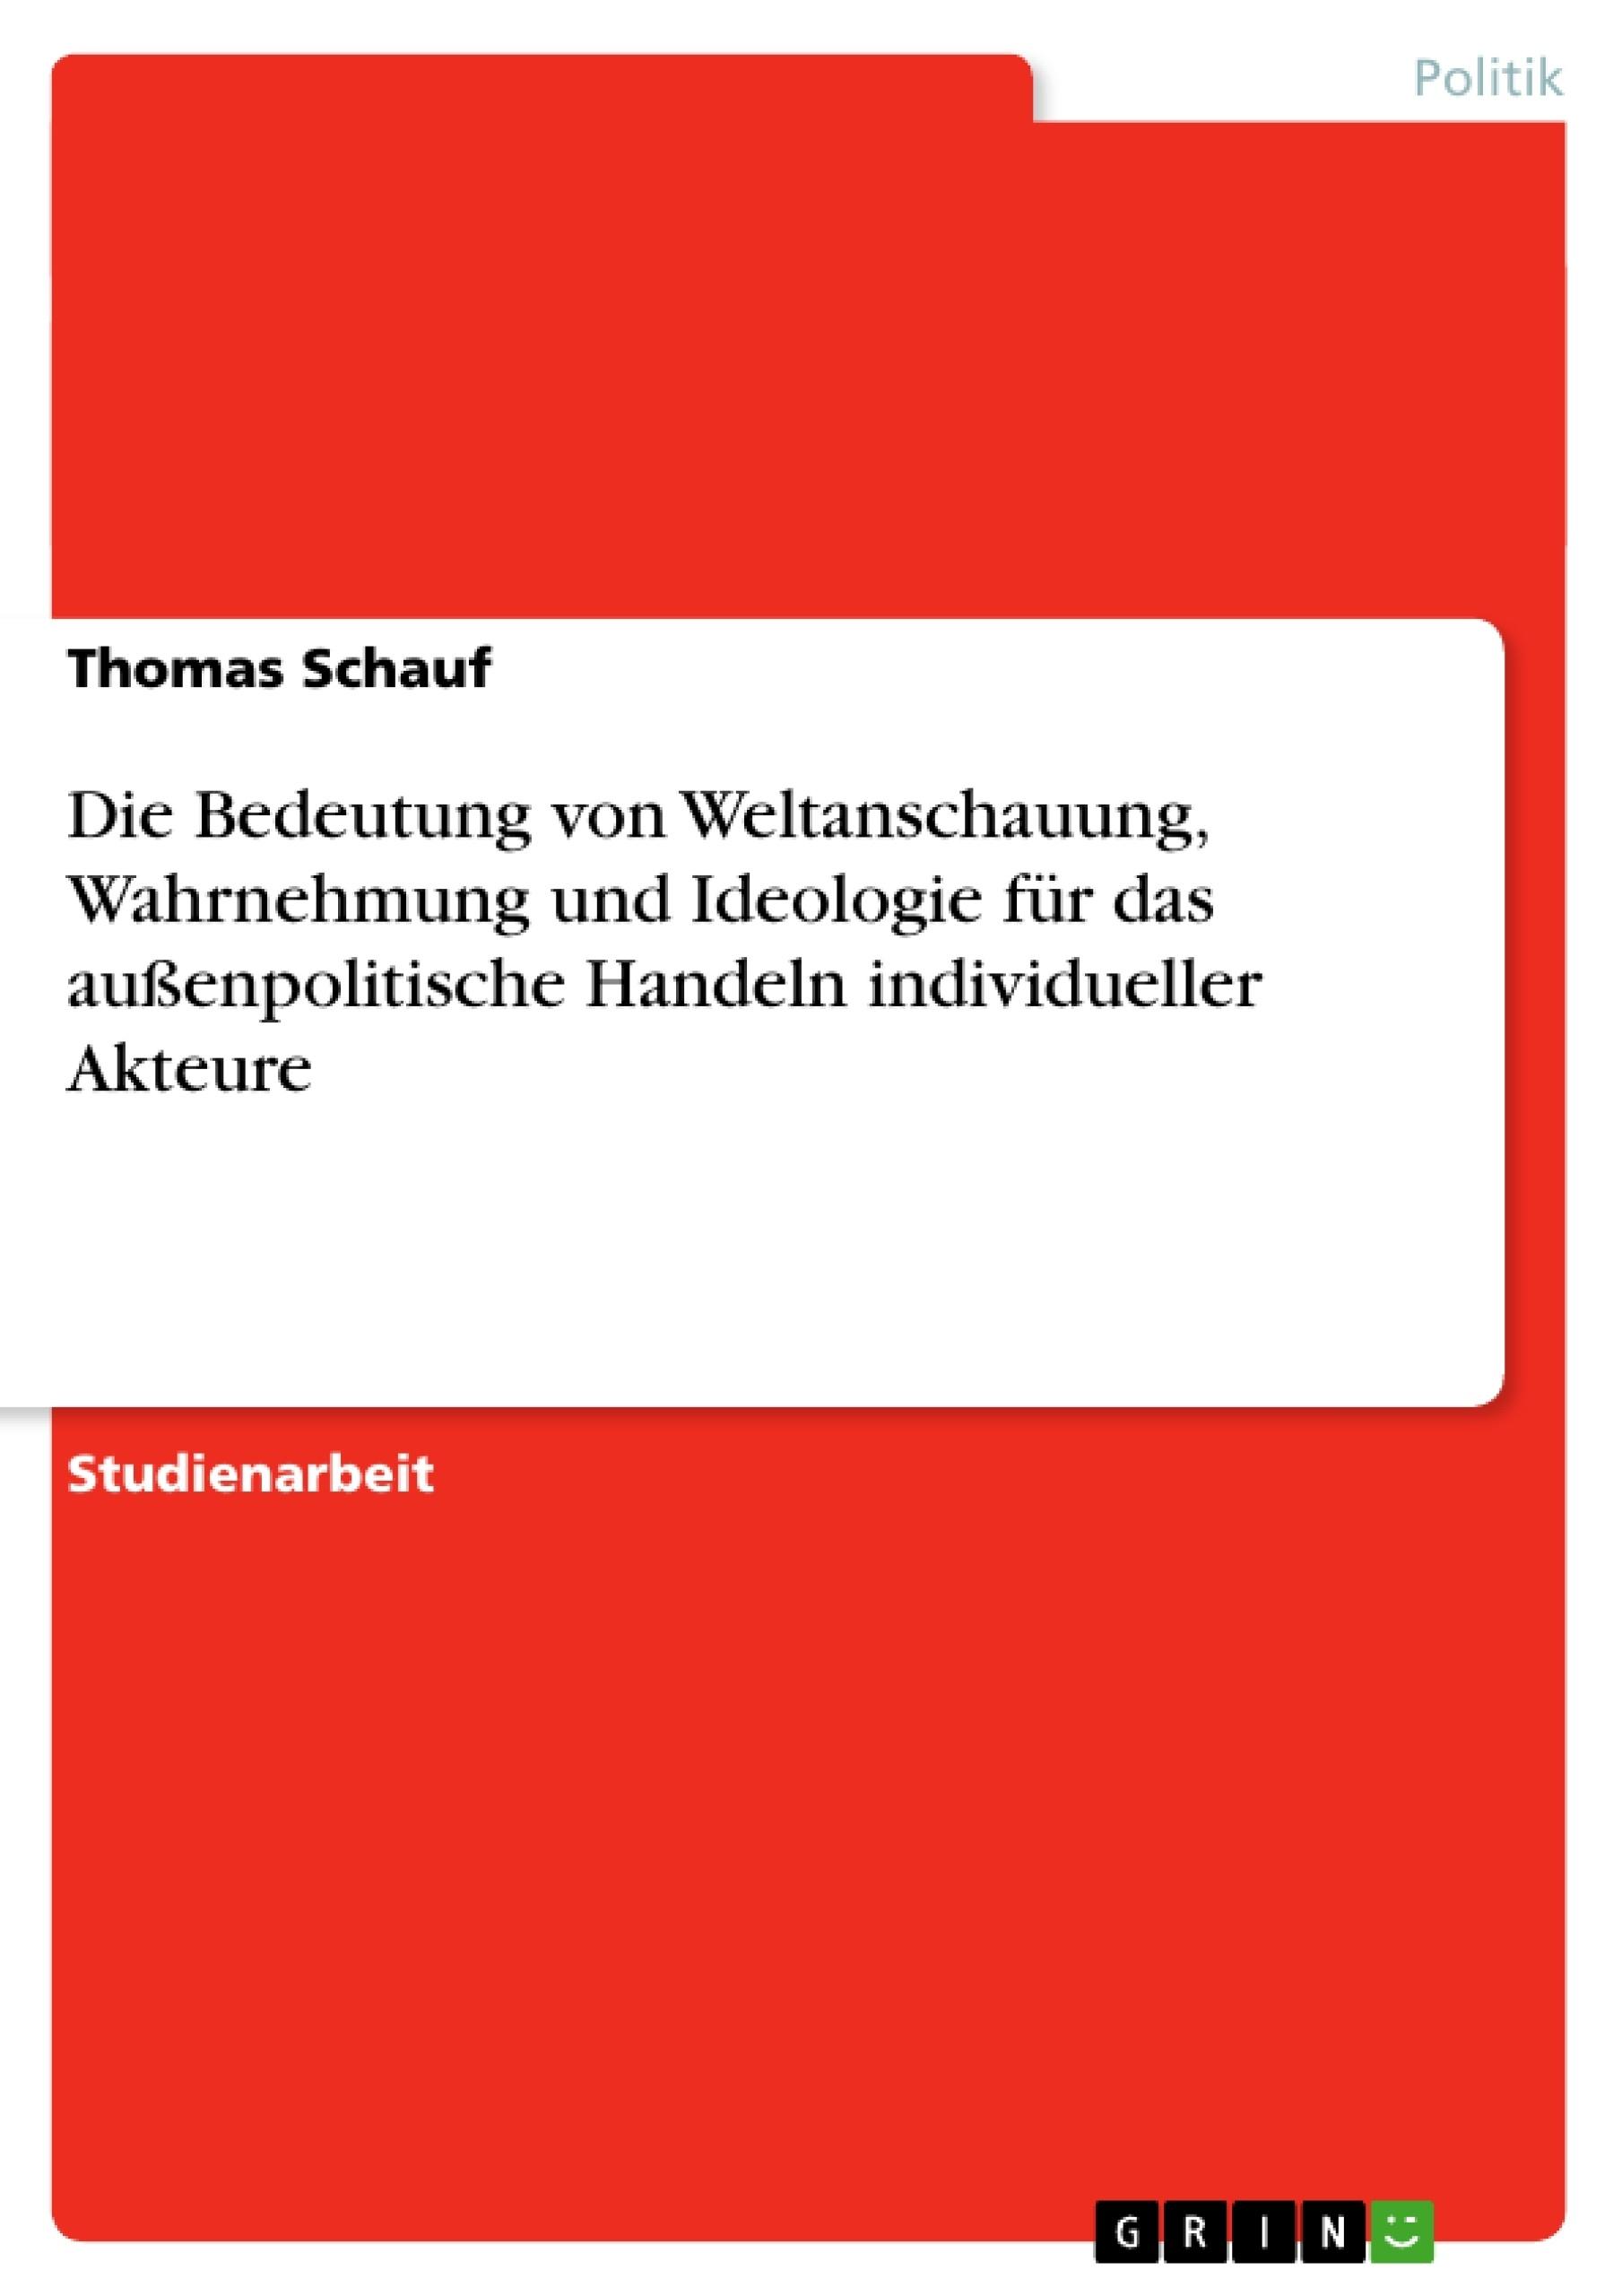 Titel: Die Bedeutung von Weltanschauung, Wahrnehmung und Ideologie für das außenpolitische Handeln  individueller Akteure